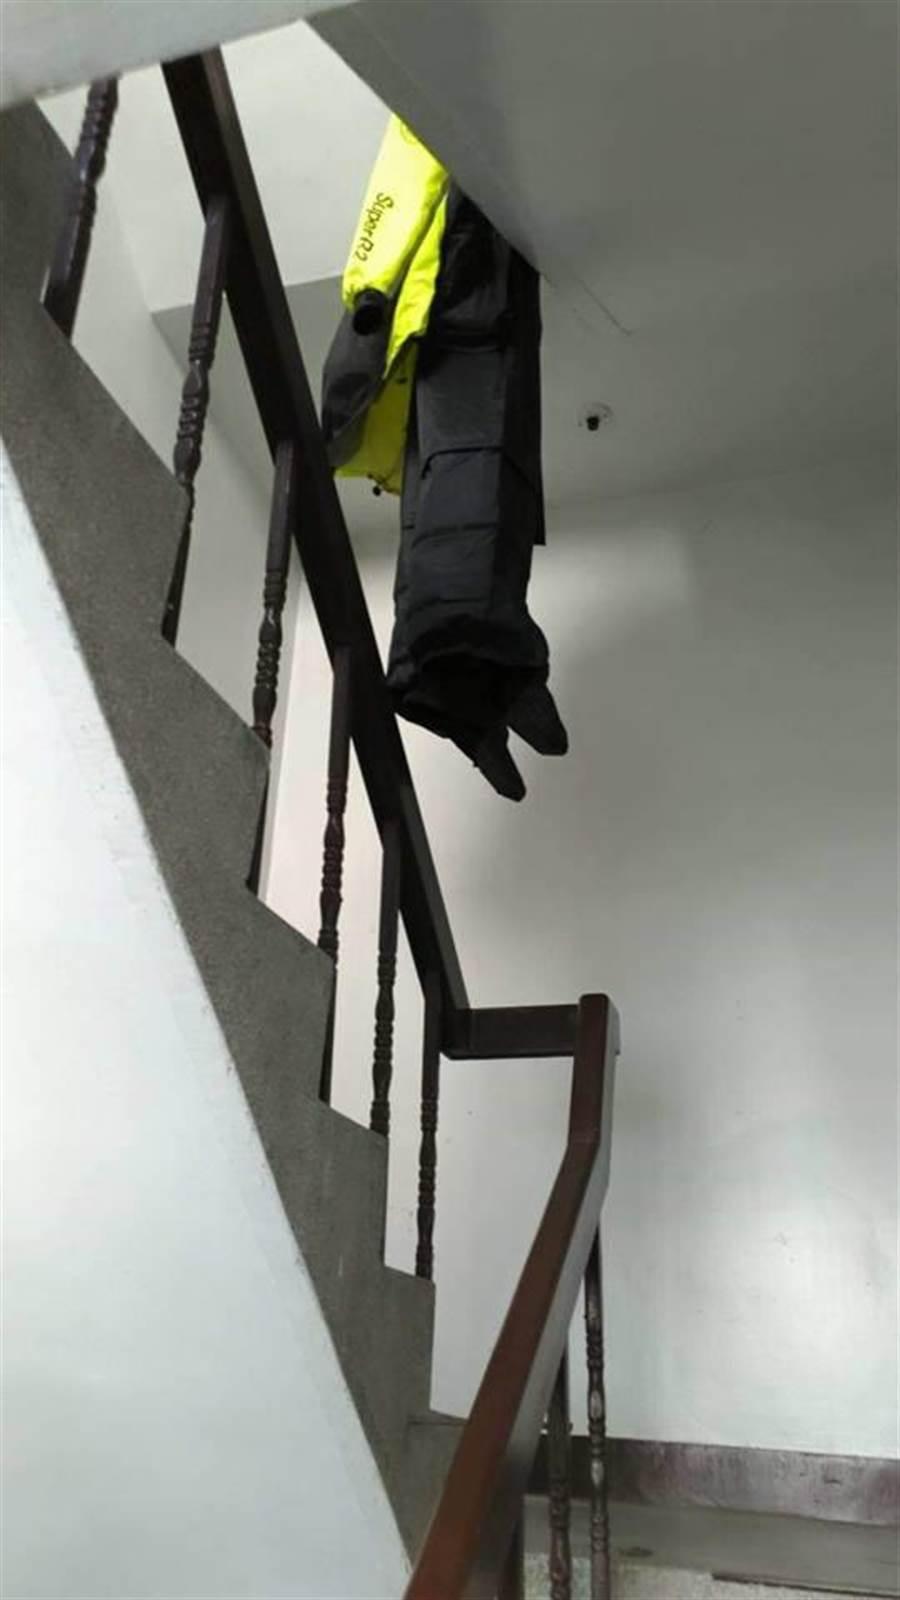 只是有住戶在樓梯間晾曬雨衣(圖/翻攝自《爆廢公社》)